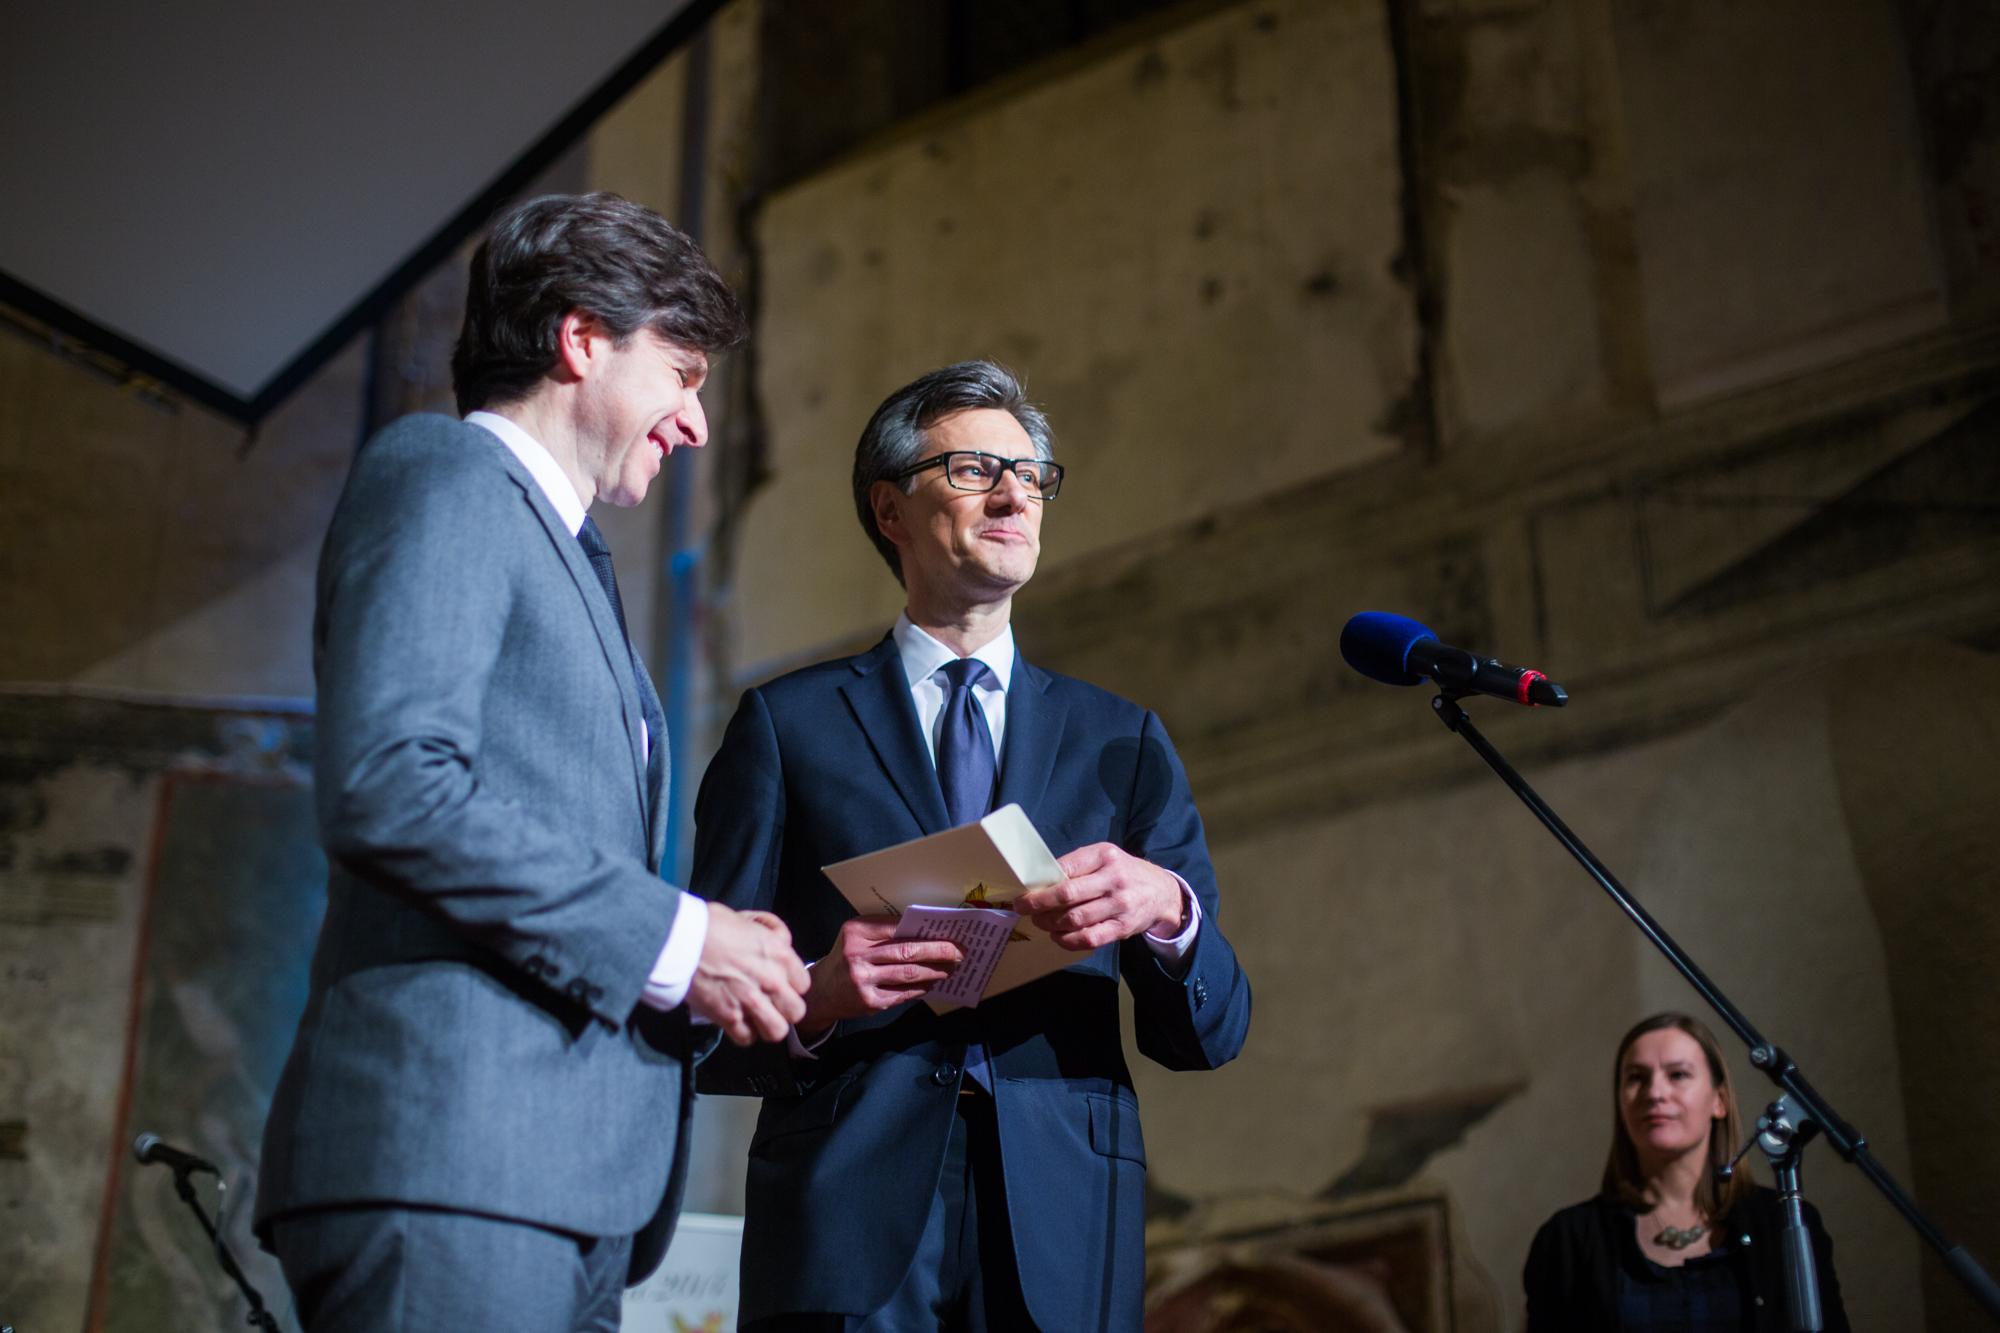 J.E.p. Andrew Hirsch SCHAPIRO, velvyslanec Spojených států amerických, a Jean-Pierre Asvazadourian, velvyslanec Francie, předali cenu v kategorii Obec-město.